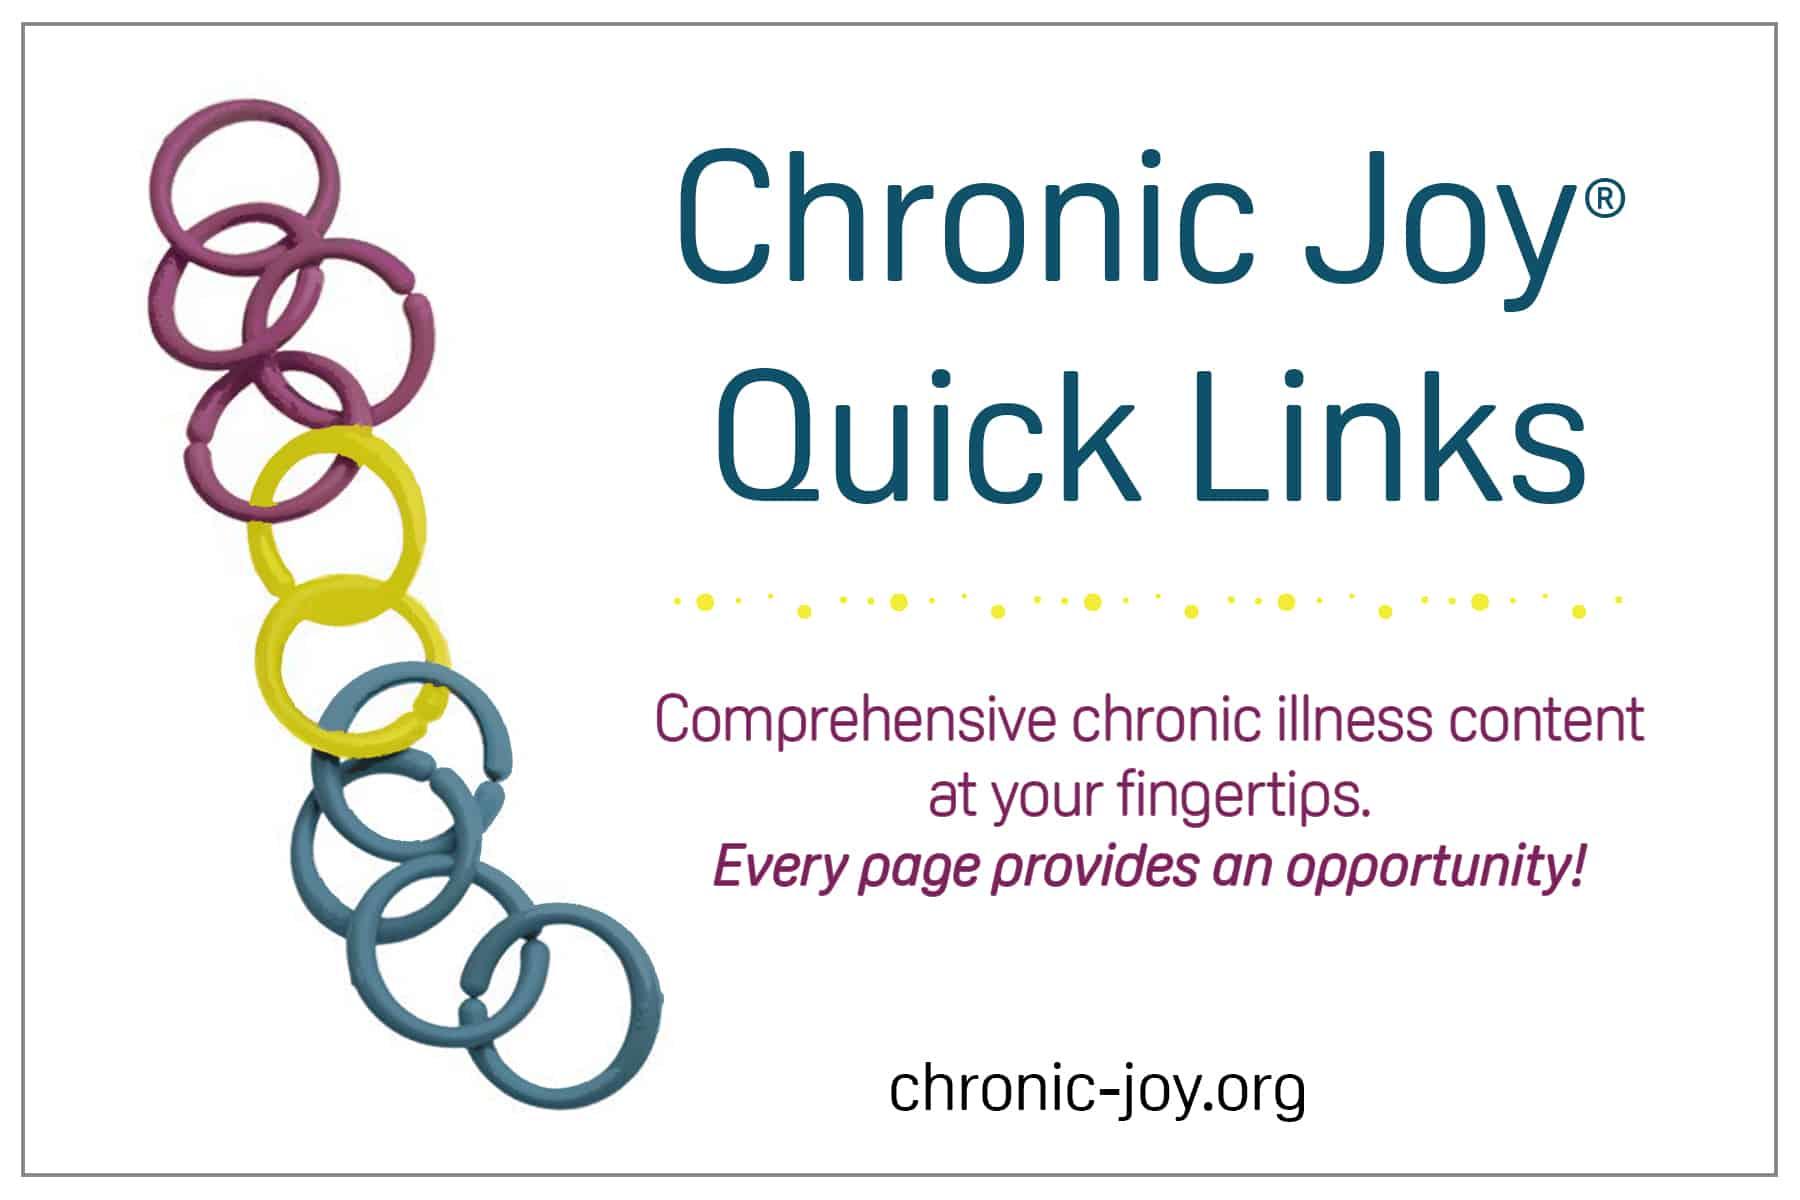 Chronic Joy® Quick Links